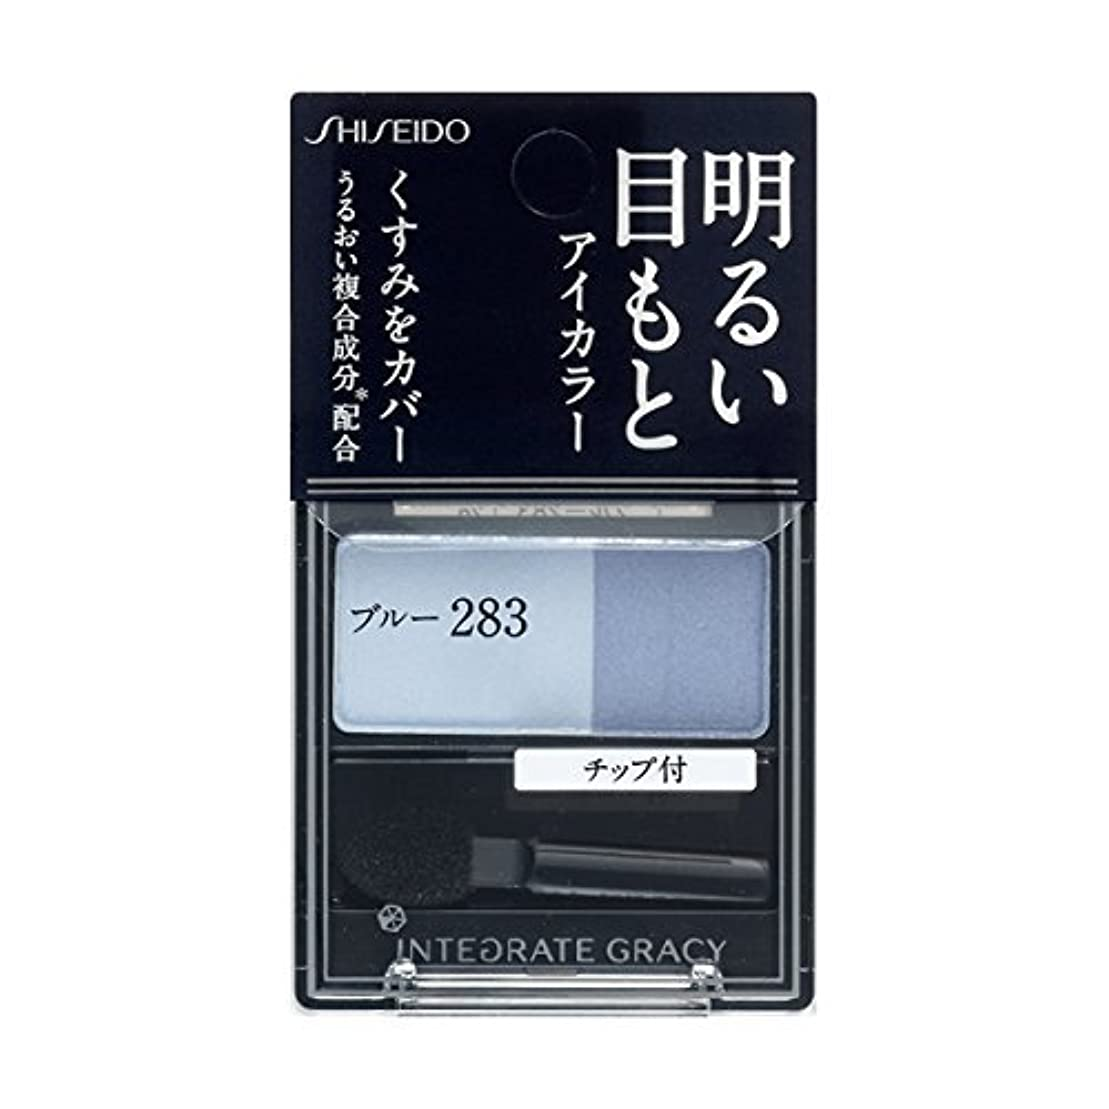 完全に乾くバーベキュー輝度インテグレート グレイシィ アイカラー ブルー283 2g×3個